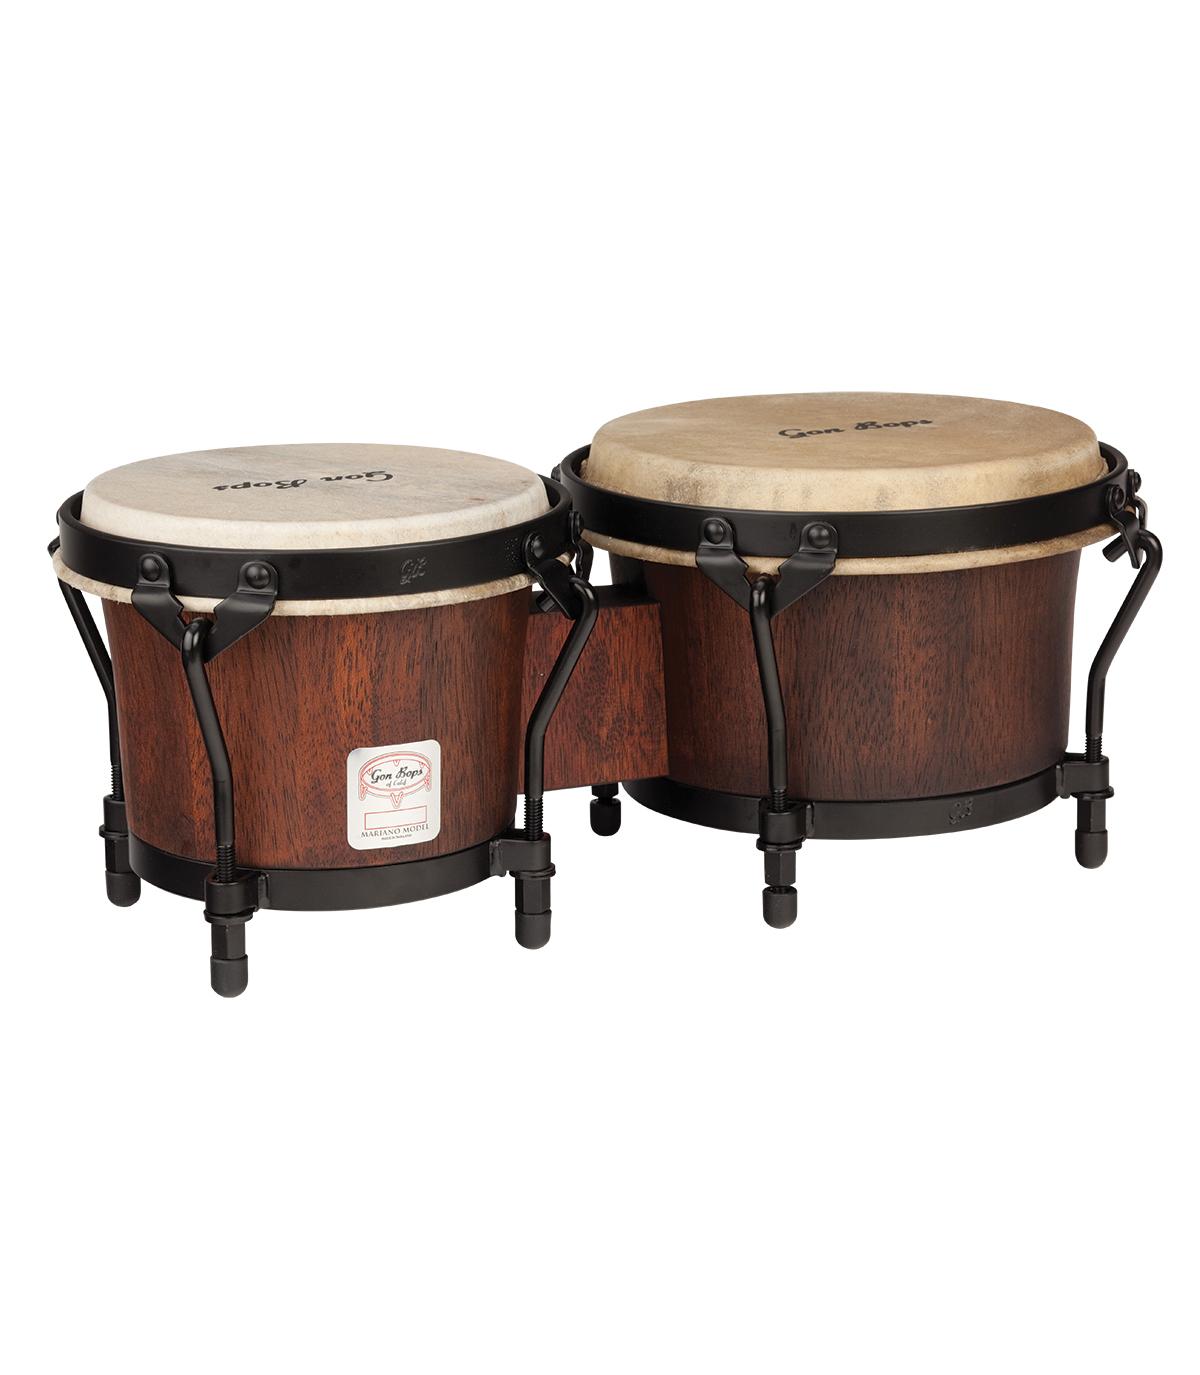 buy gonbops bongo 7 8.5